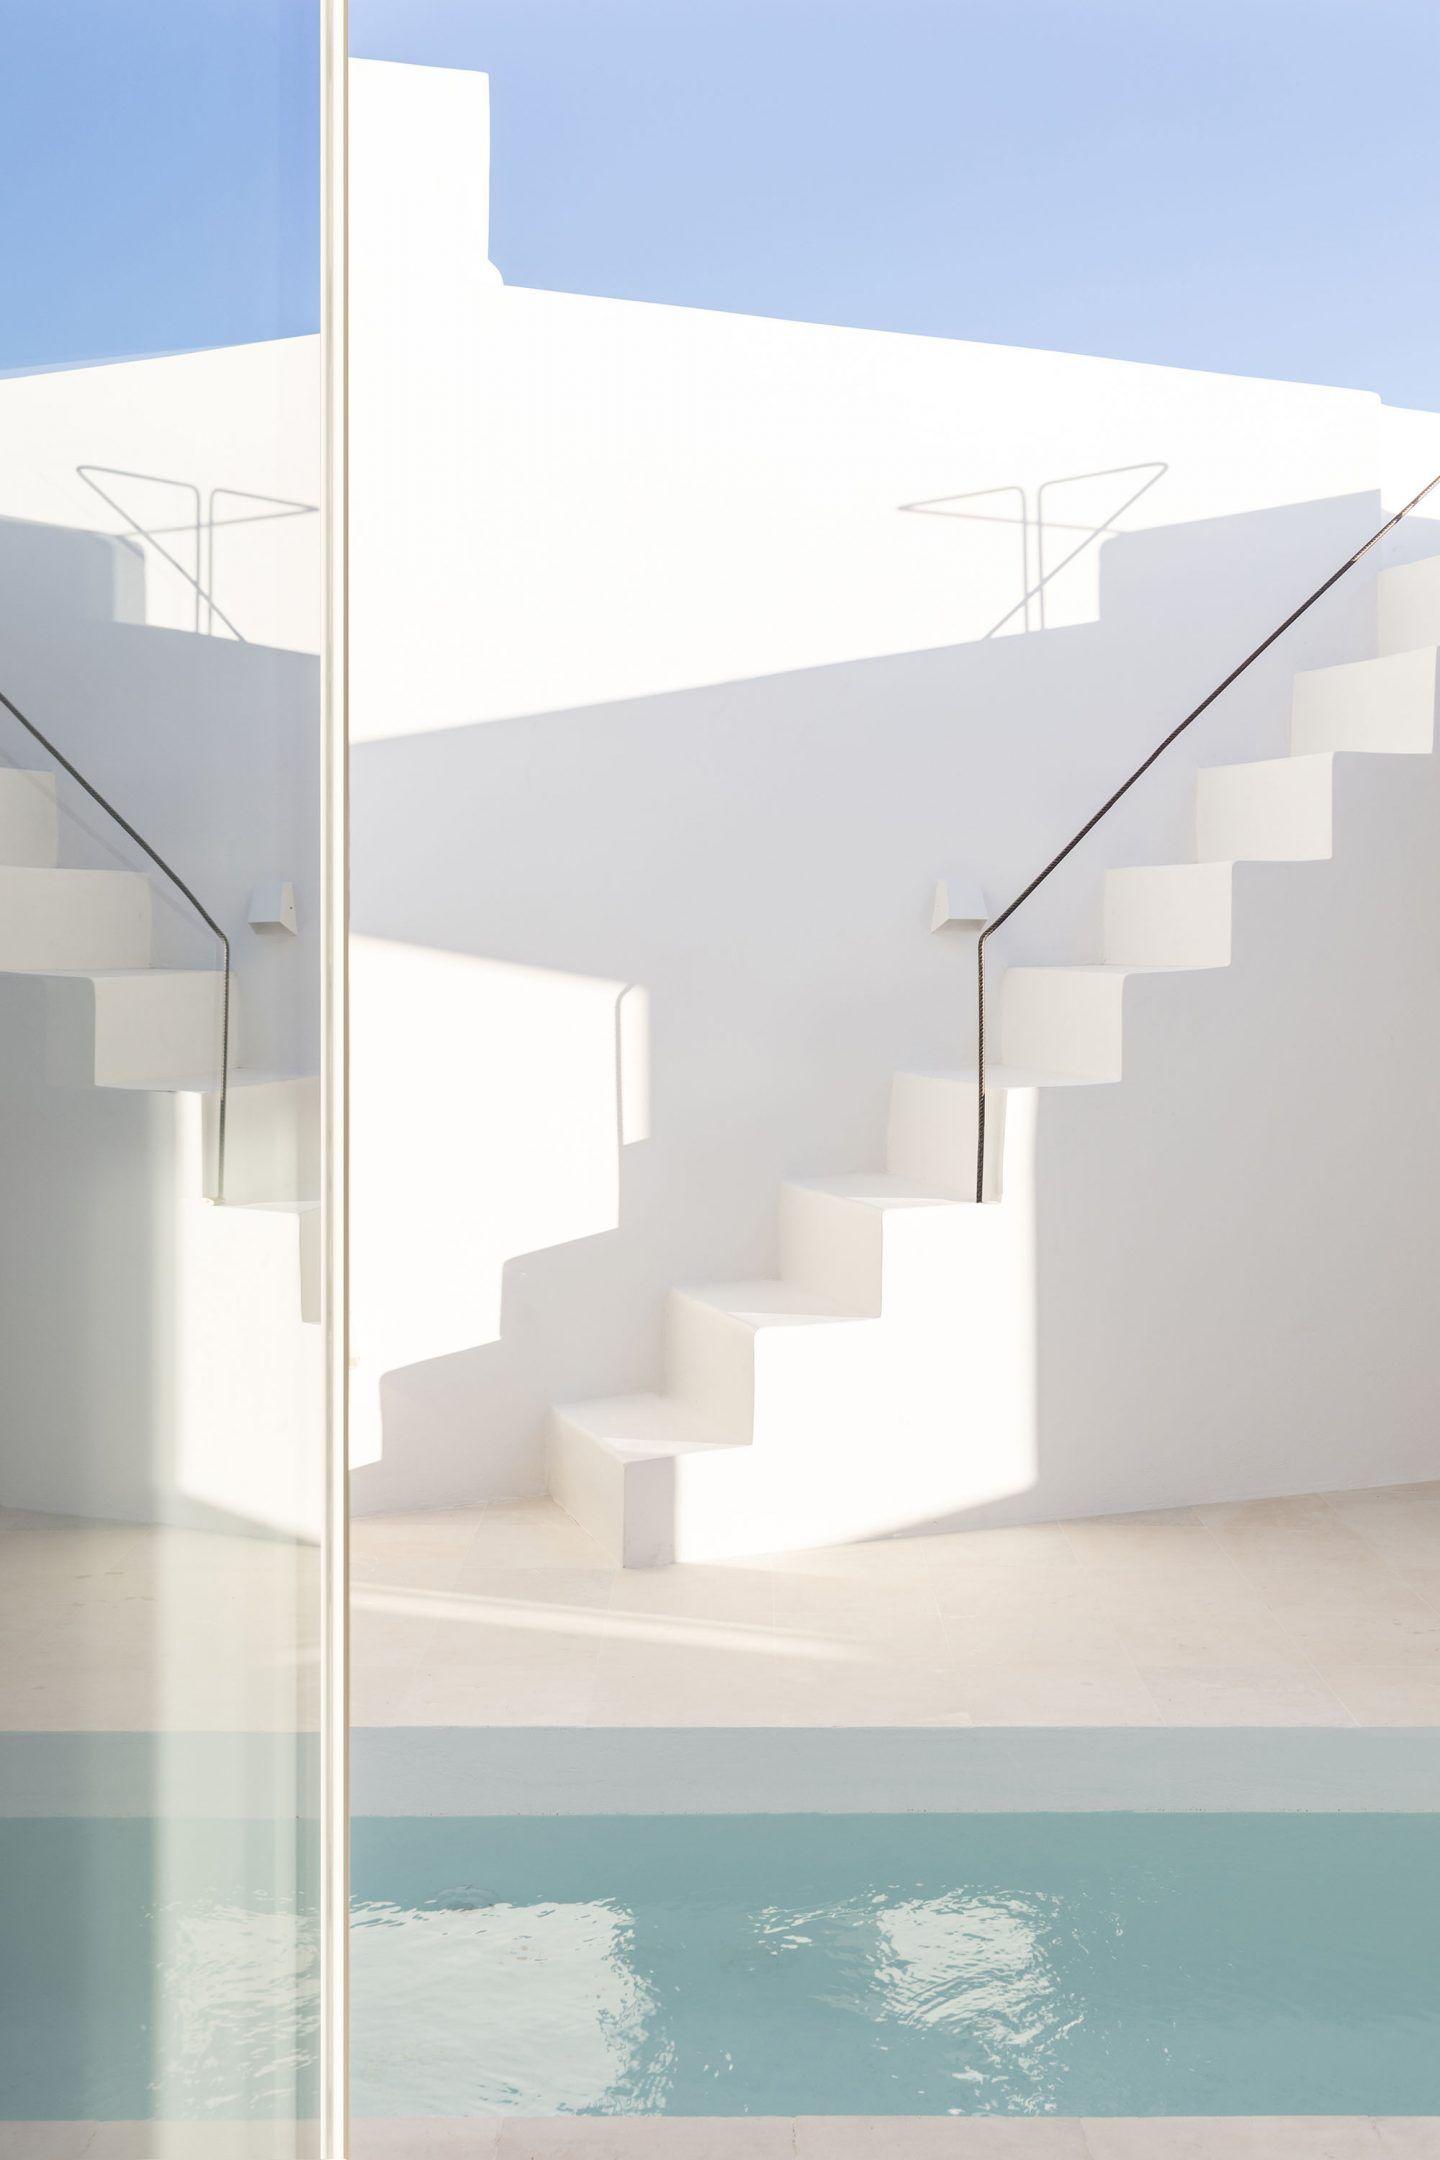 IGNANT-Architecture-Kapsimali-Fira-06